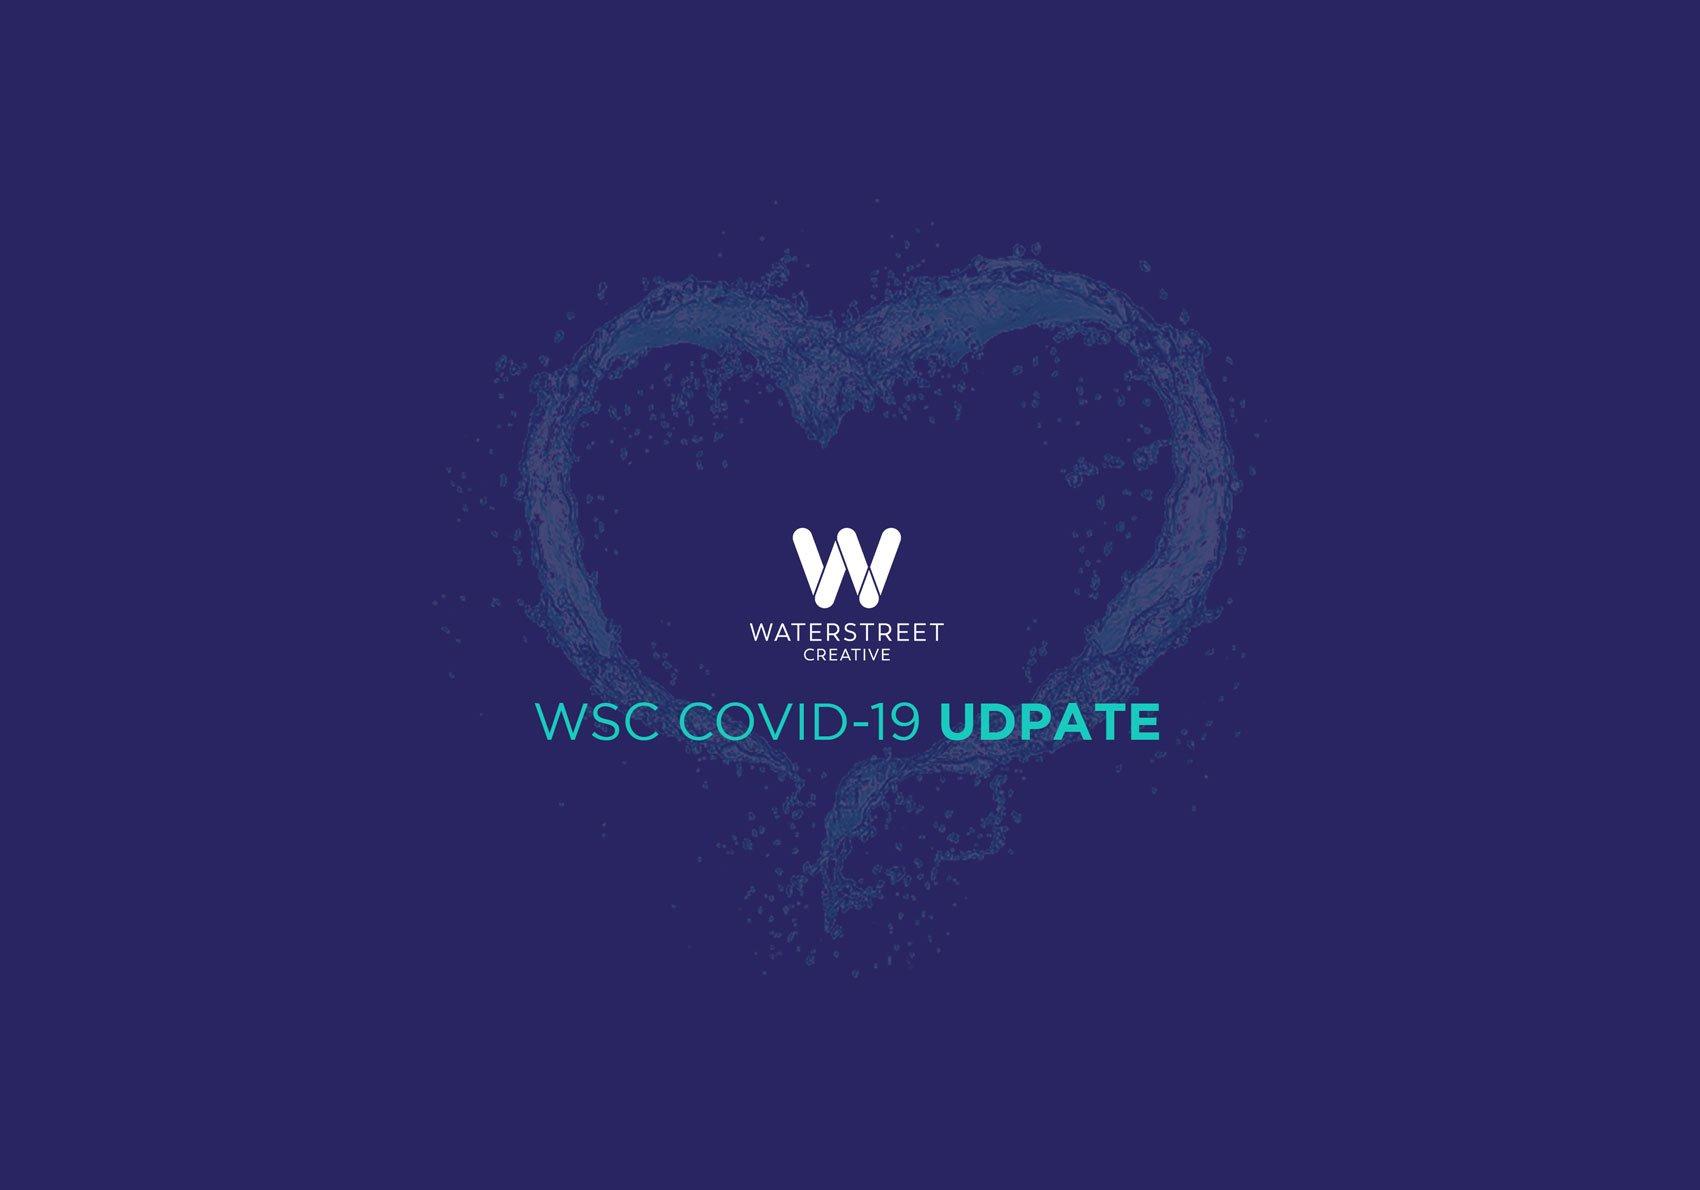 WSC COVID-19 Update